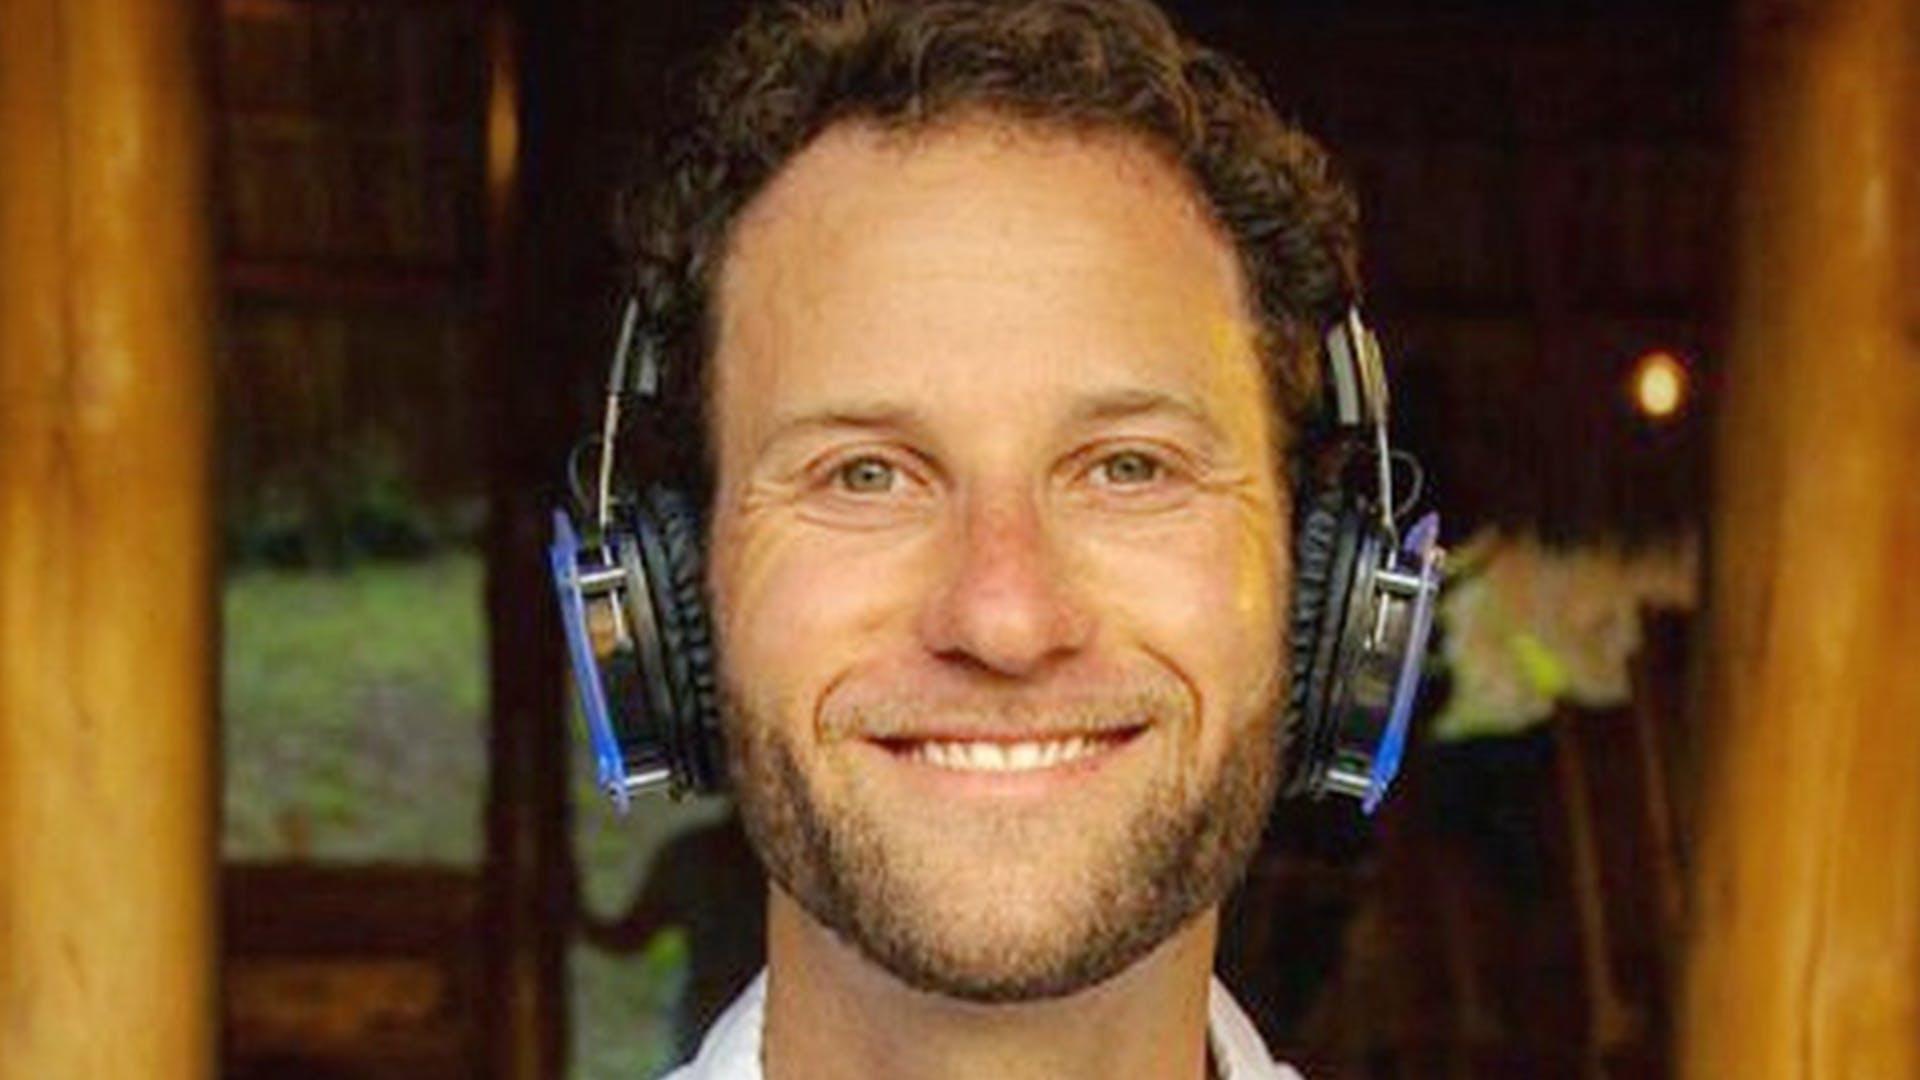 Joshua Sam Miller